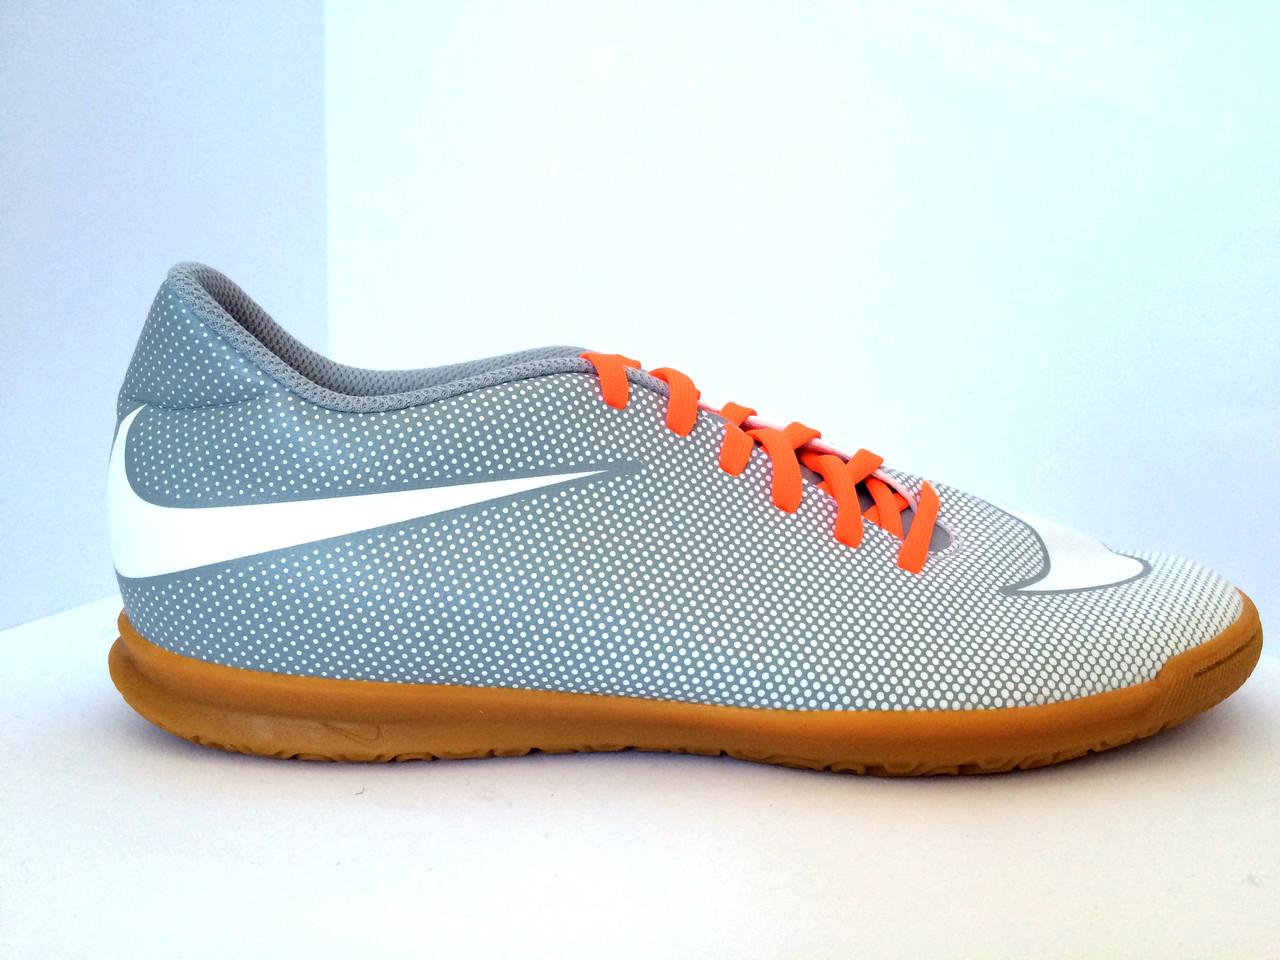 Сороконожки мужские Nike Mercurial Victory р-44 - HomeStock в Ивано- Франковске 353cc6c3398